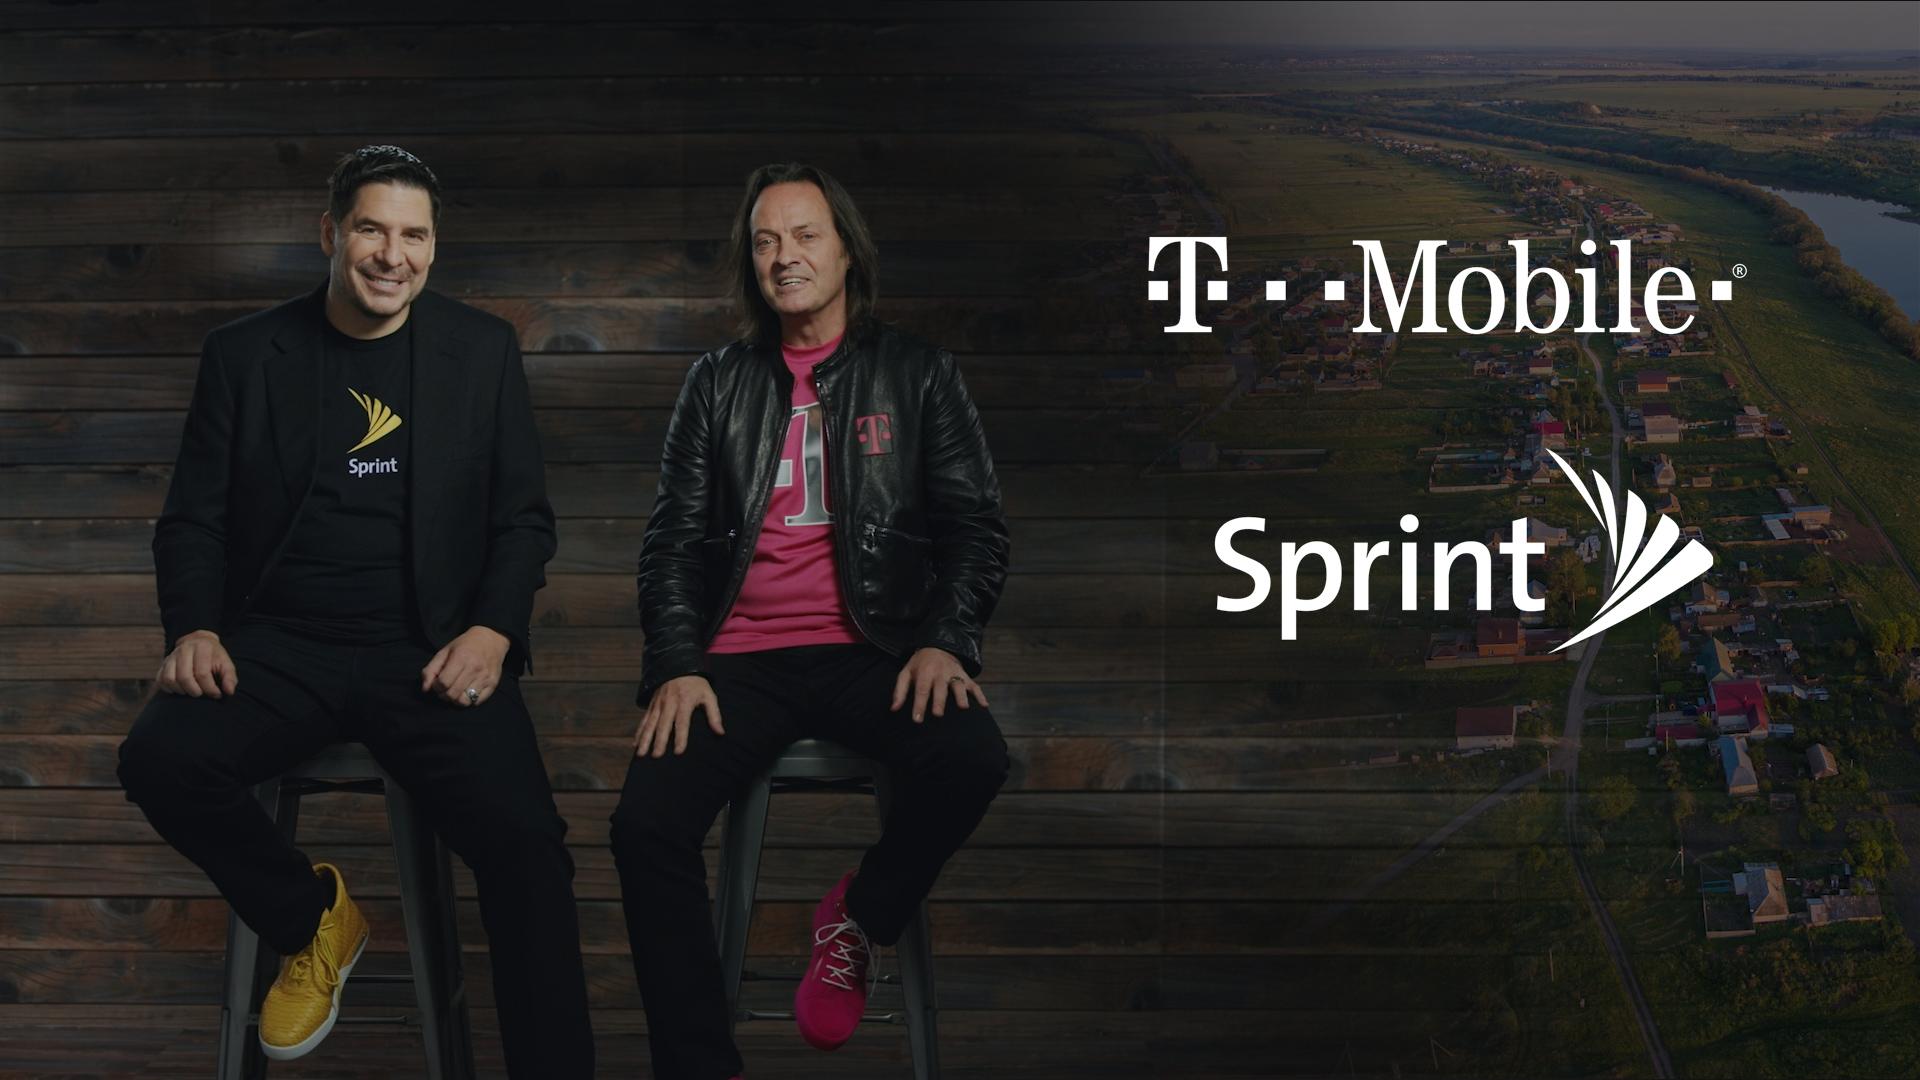 ソフトバンク傘下のSprintとT-Mobileが合併で合意 T-Mobileとして5Gに邁進